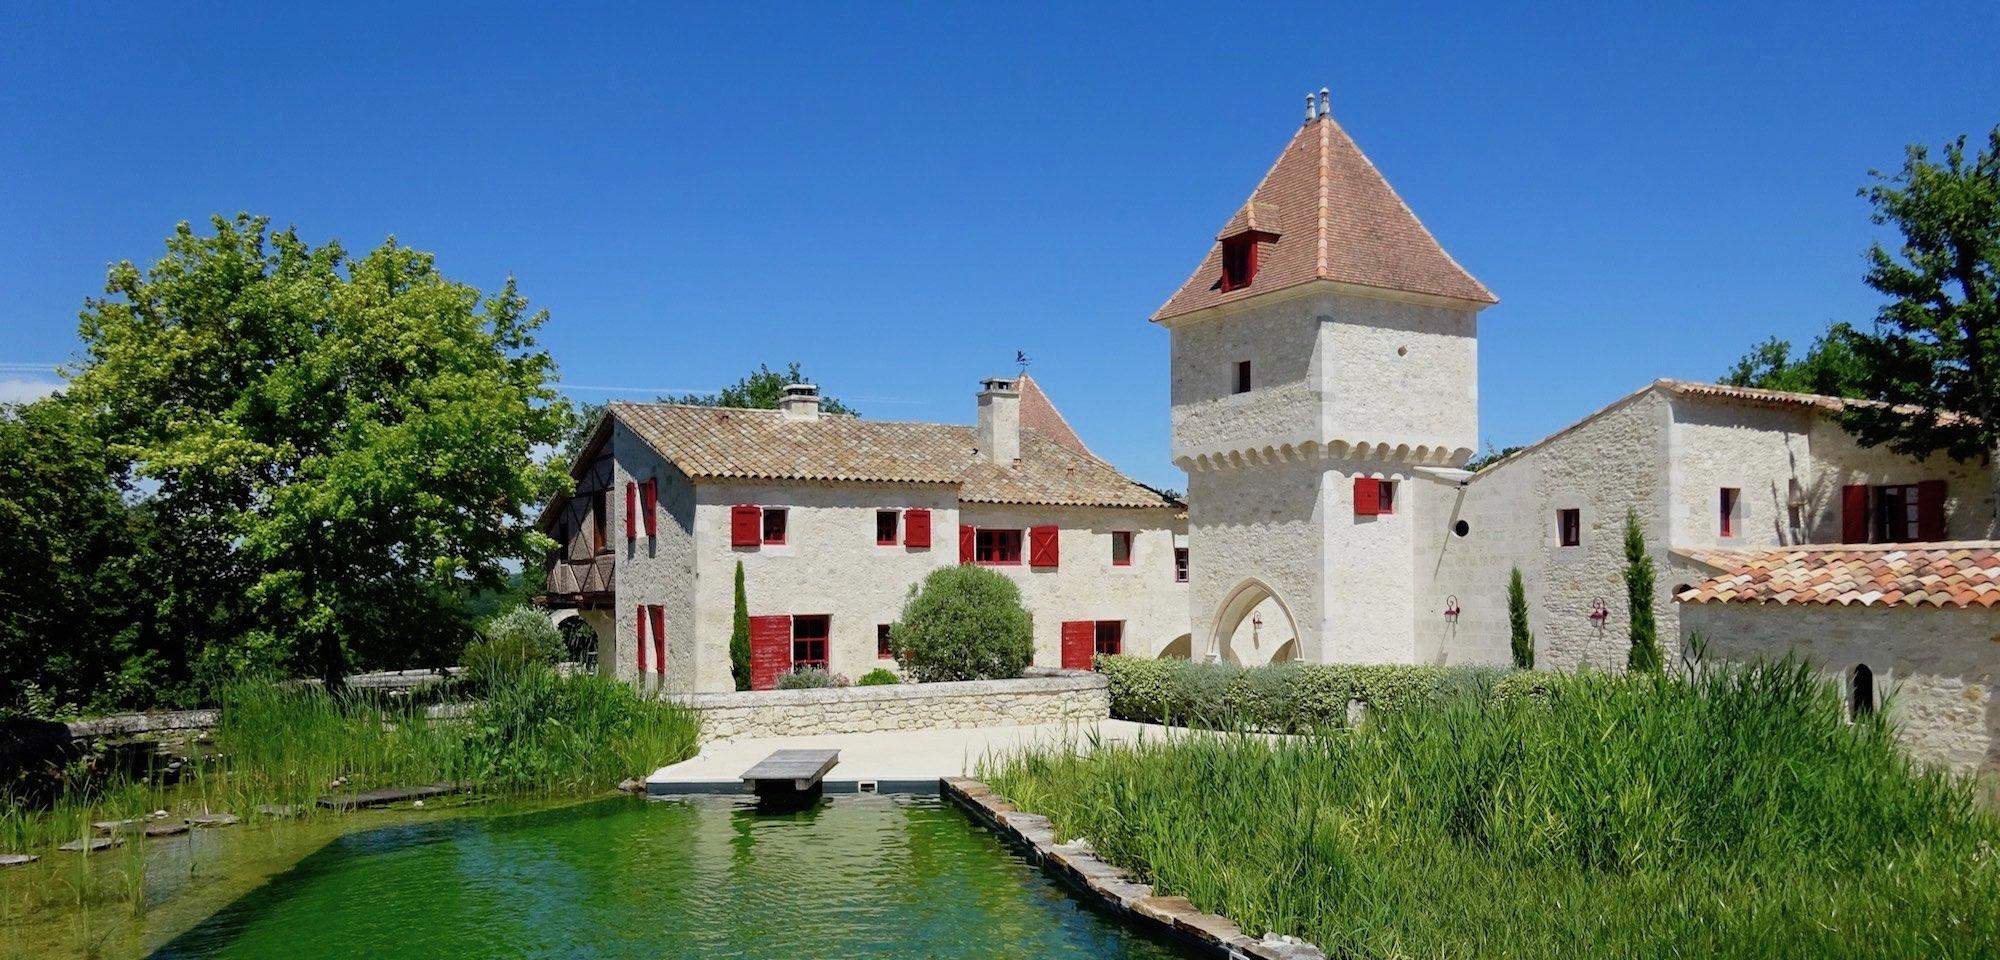 hameau guirauton piscine été jeune confort luxe 2000x960 - Gers - Château de Guirauton